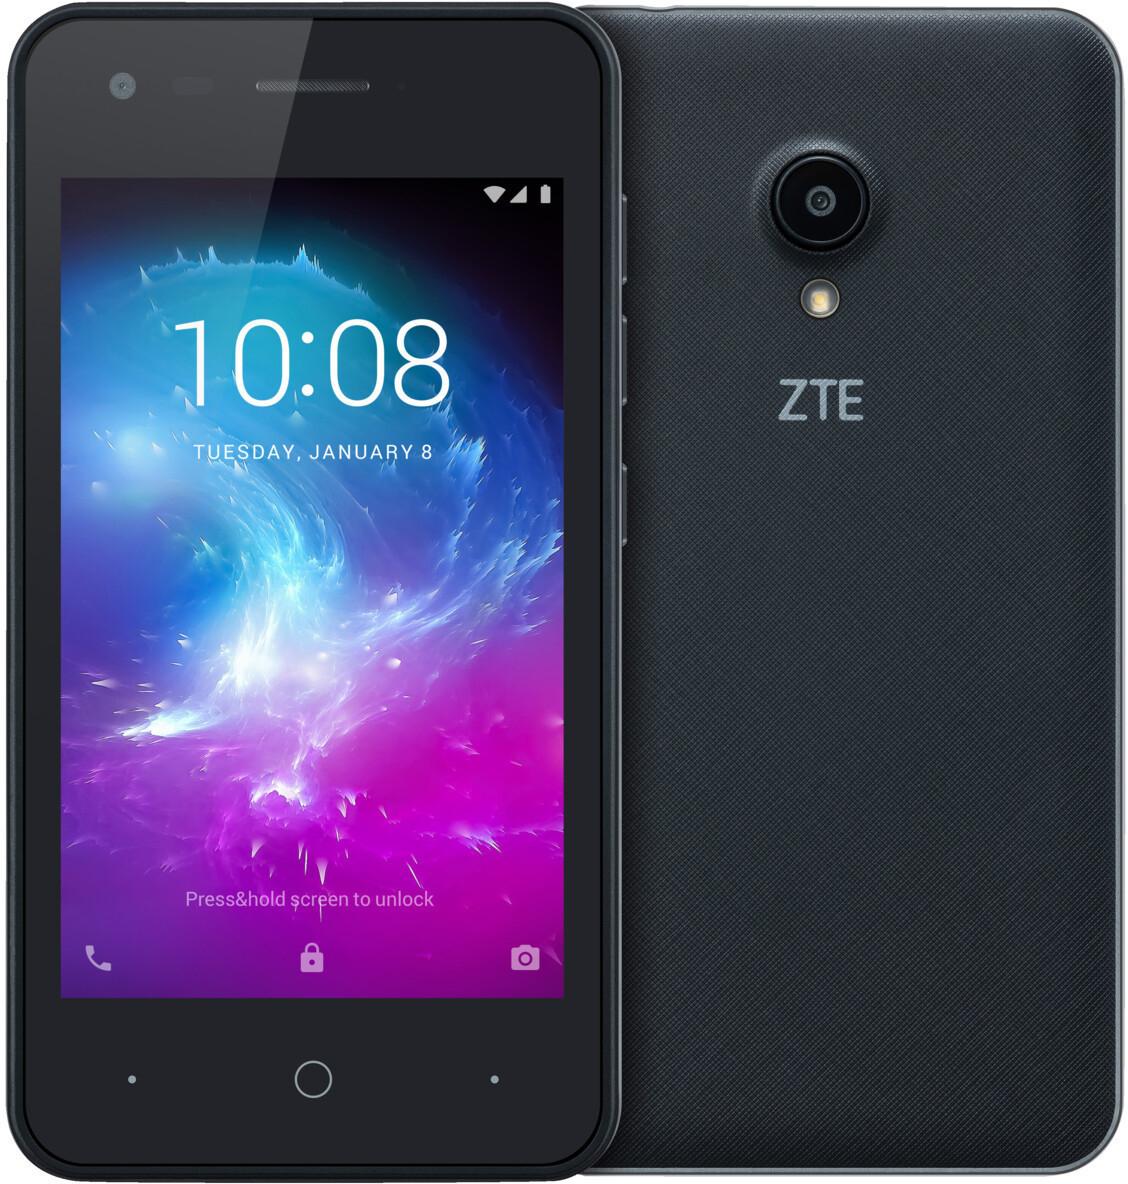 Smartphones unter 100€: ZTE Blade L130 - 39€ | ZTE Blade L8 - 49€ | LG K20 - 59€ | Nokia 2.2 - 66€ | ZTE Blade A7 - 79€ | Nokia 3.2 - 99€